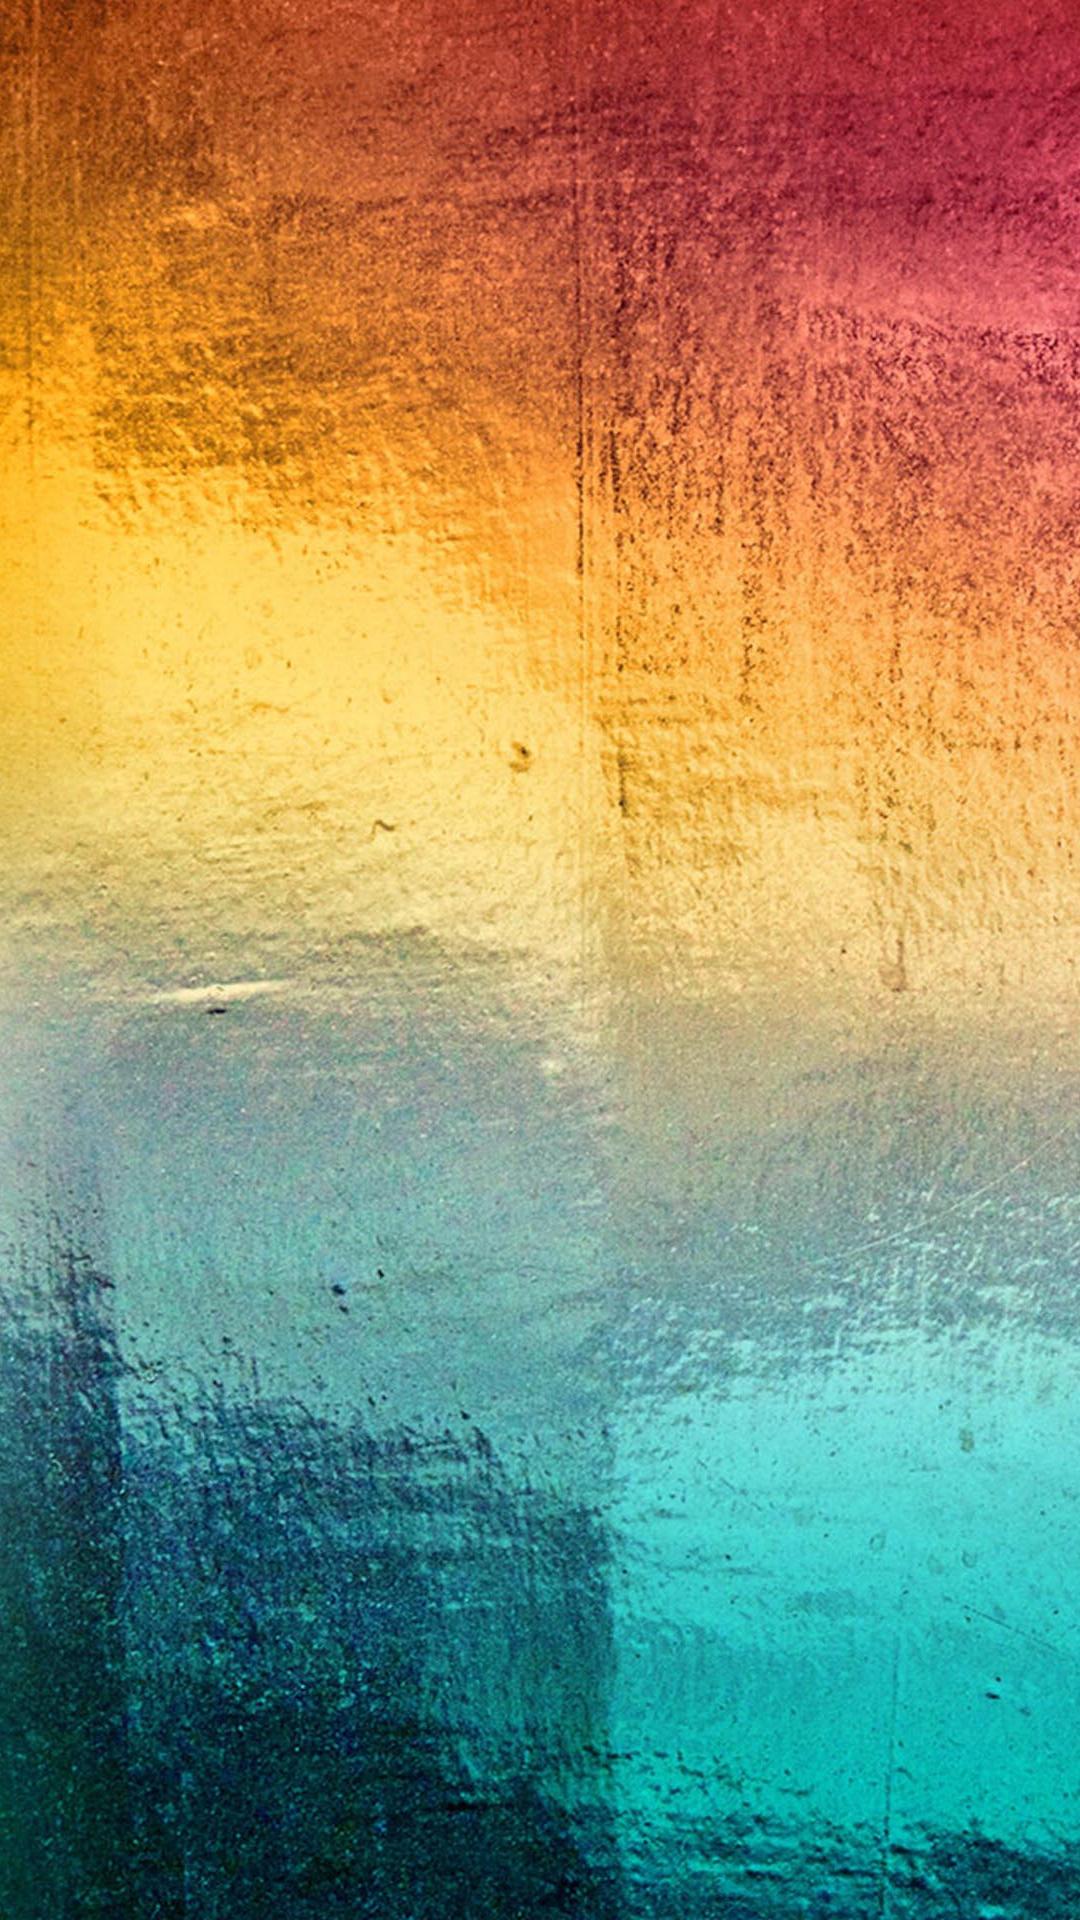 Iphone 6 Original Wallpaper Wallpapersafari